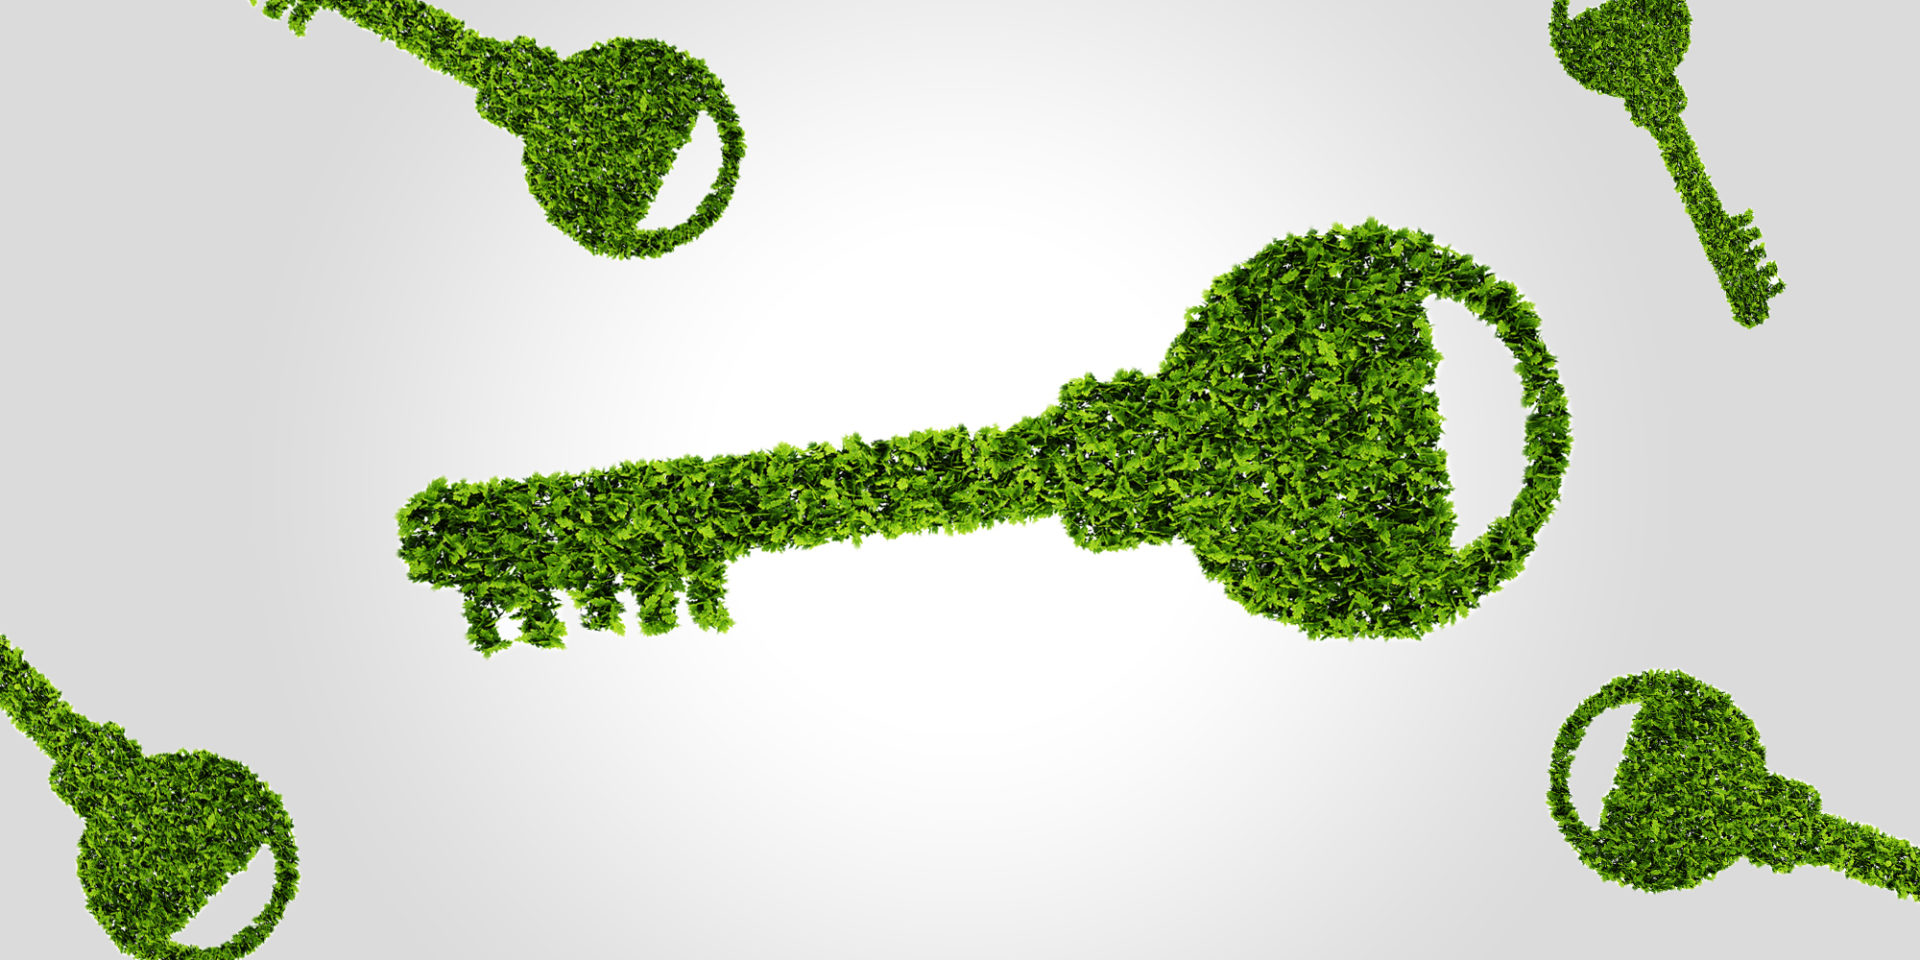 Sleutelrol voor biomassa in klimaatplannen